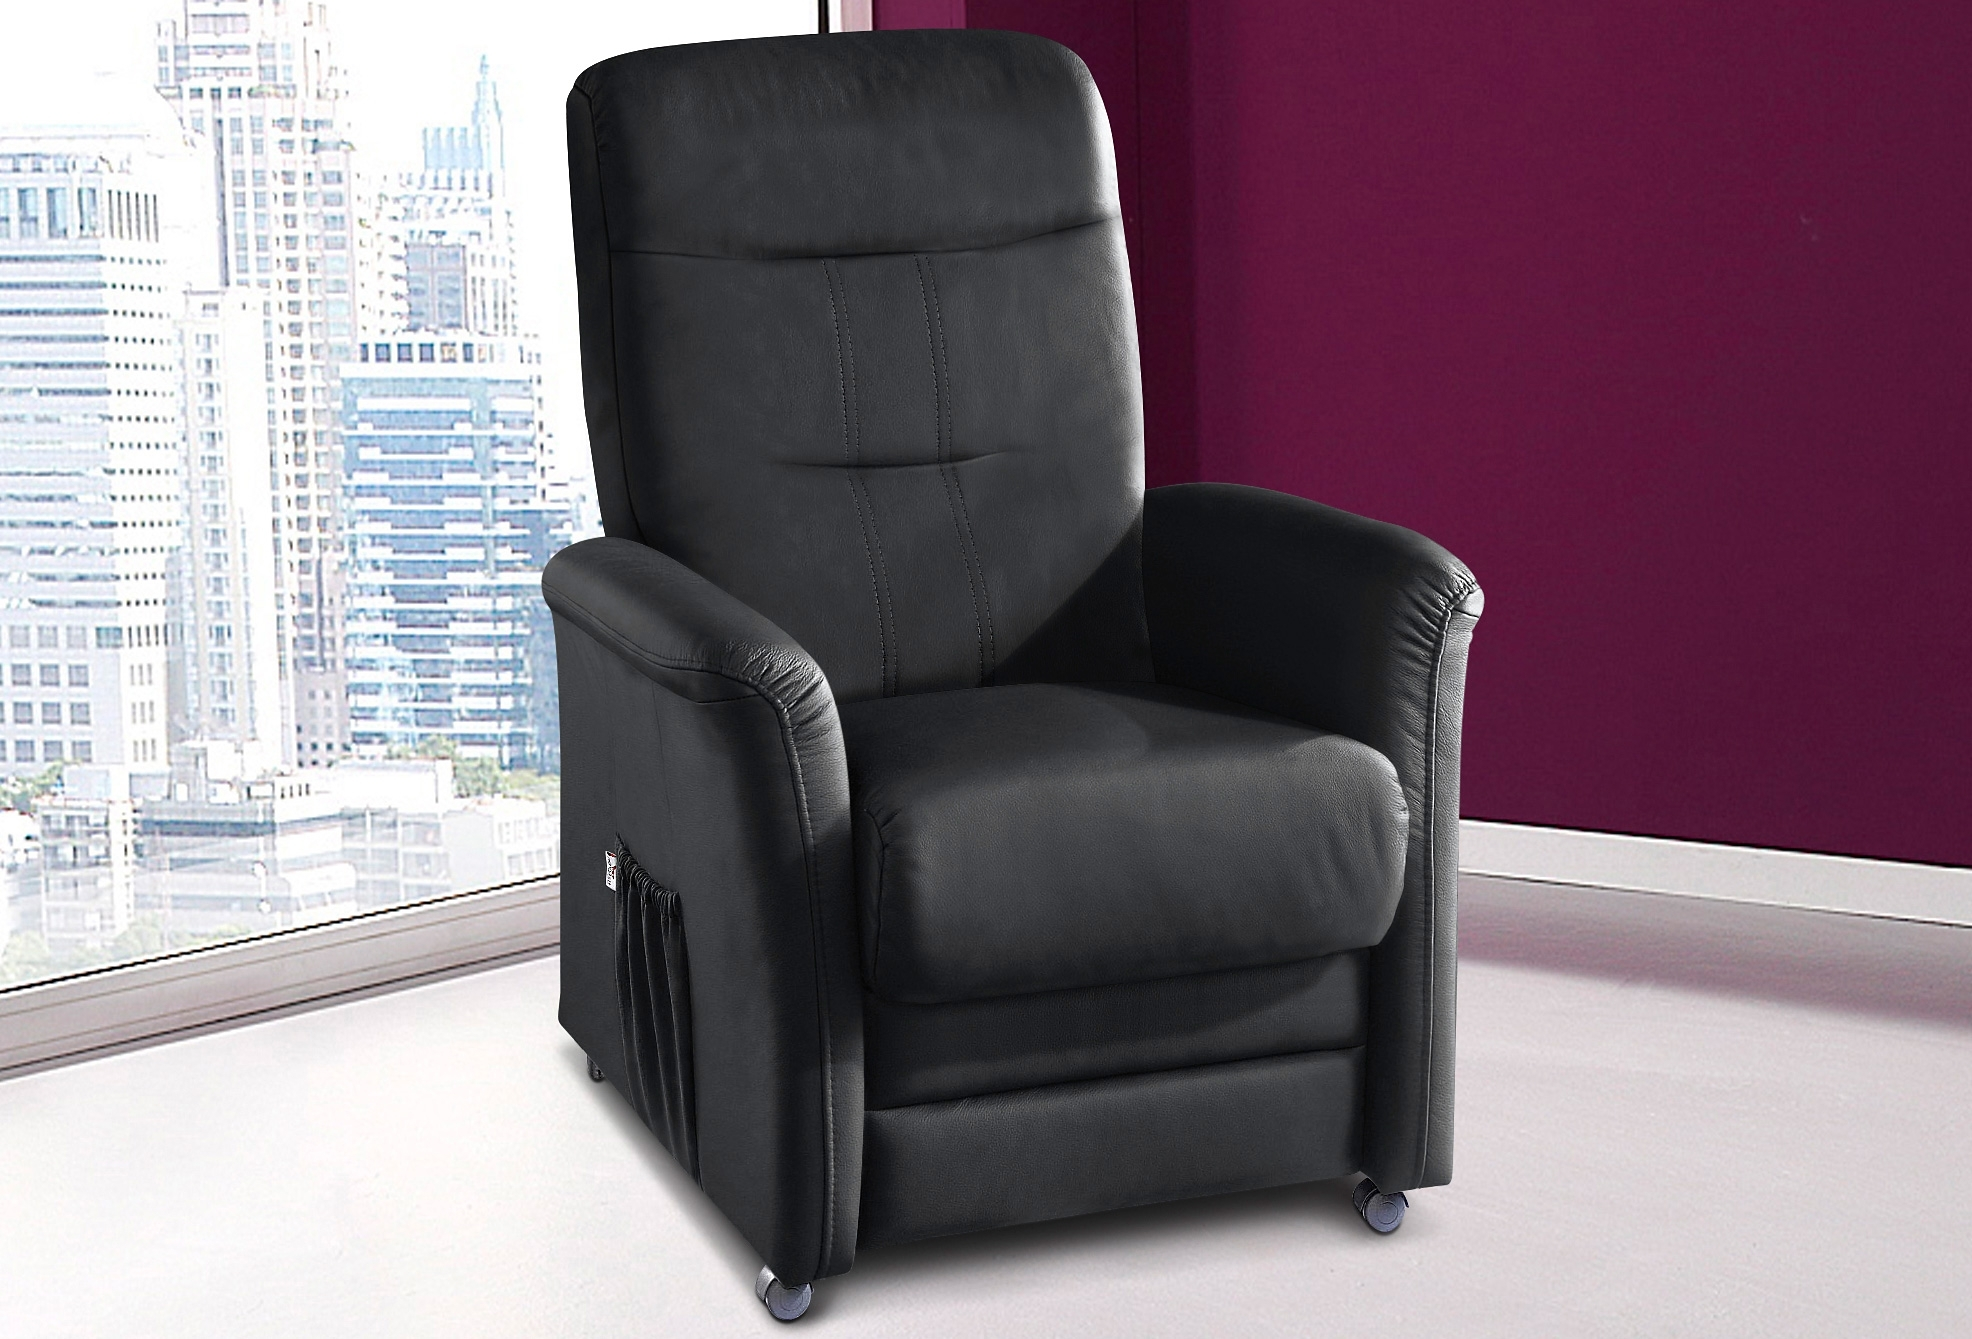 Sit\&more TV-fauteuil, Novasit veilig op otto.nl kopen